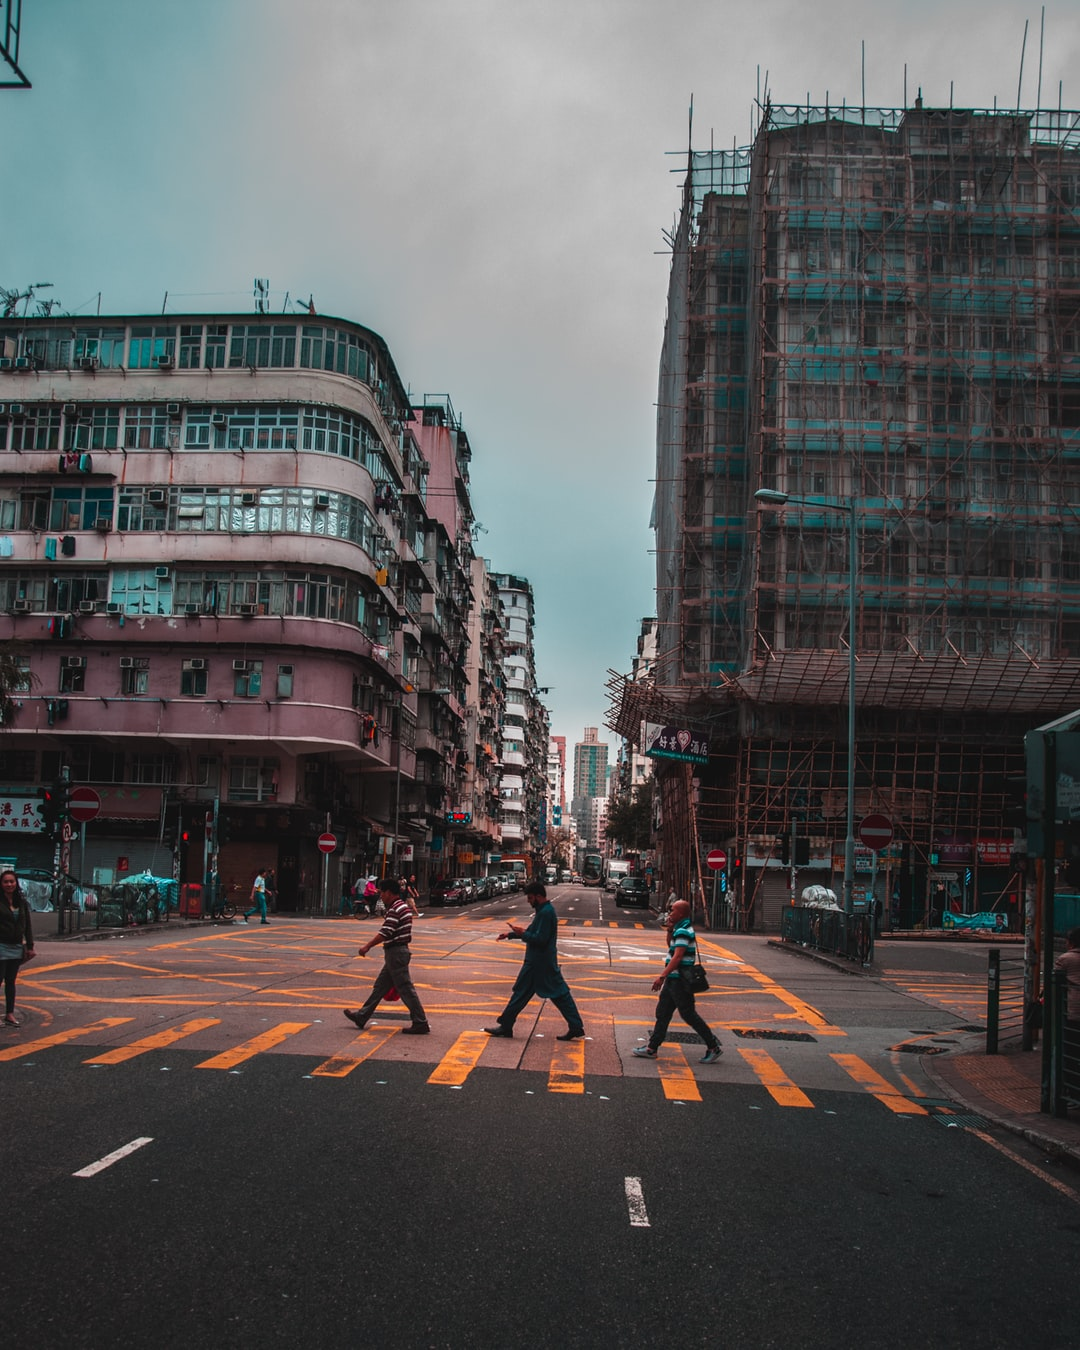 stranger crossing